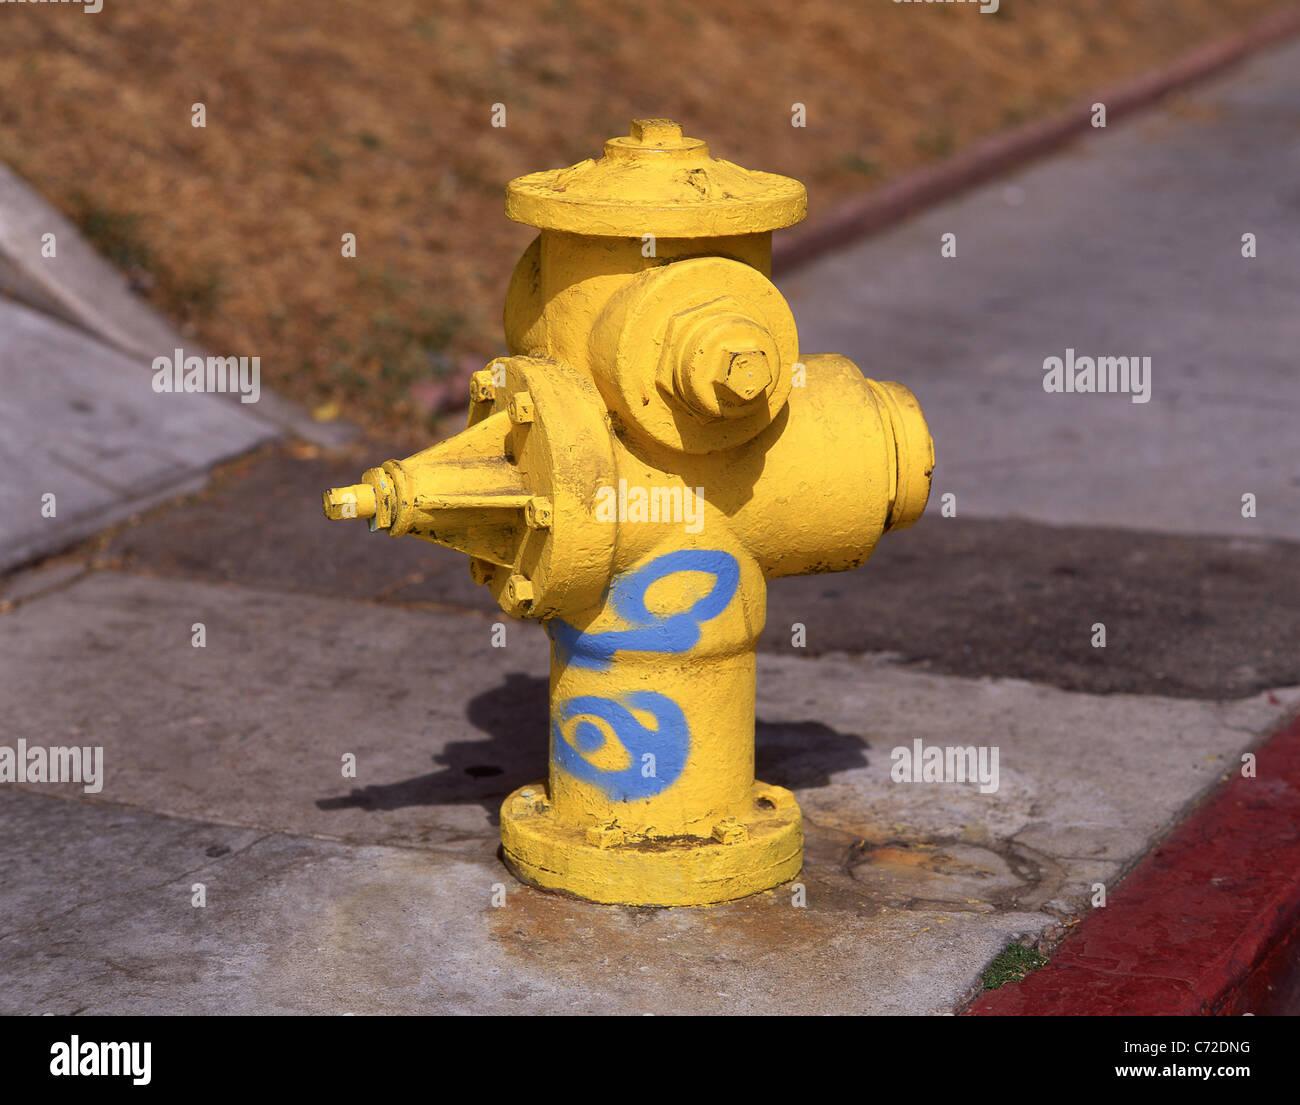 Gelbe Hydranten auf Bürgersteig, San Francisco, California, Vereinigte Staaten von Amerika Stockbild